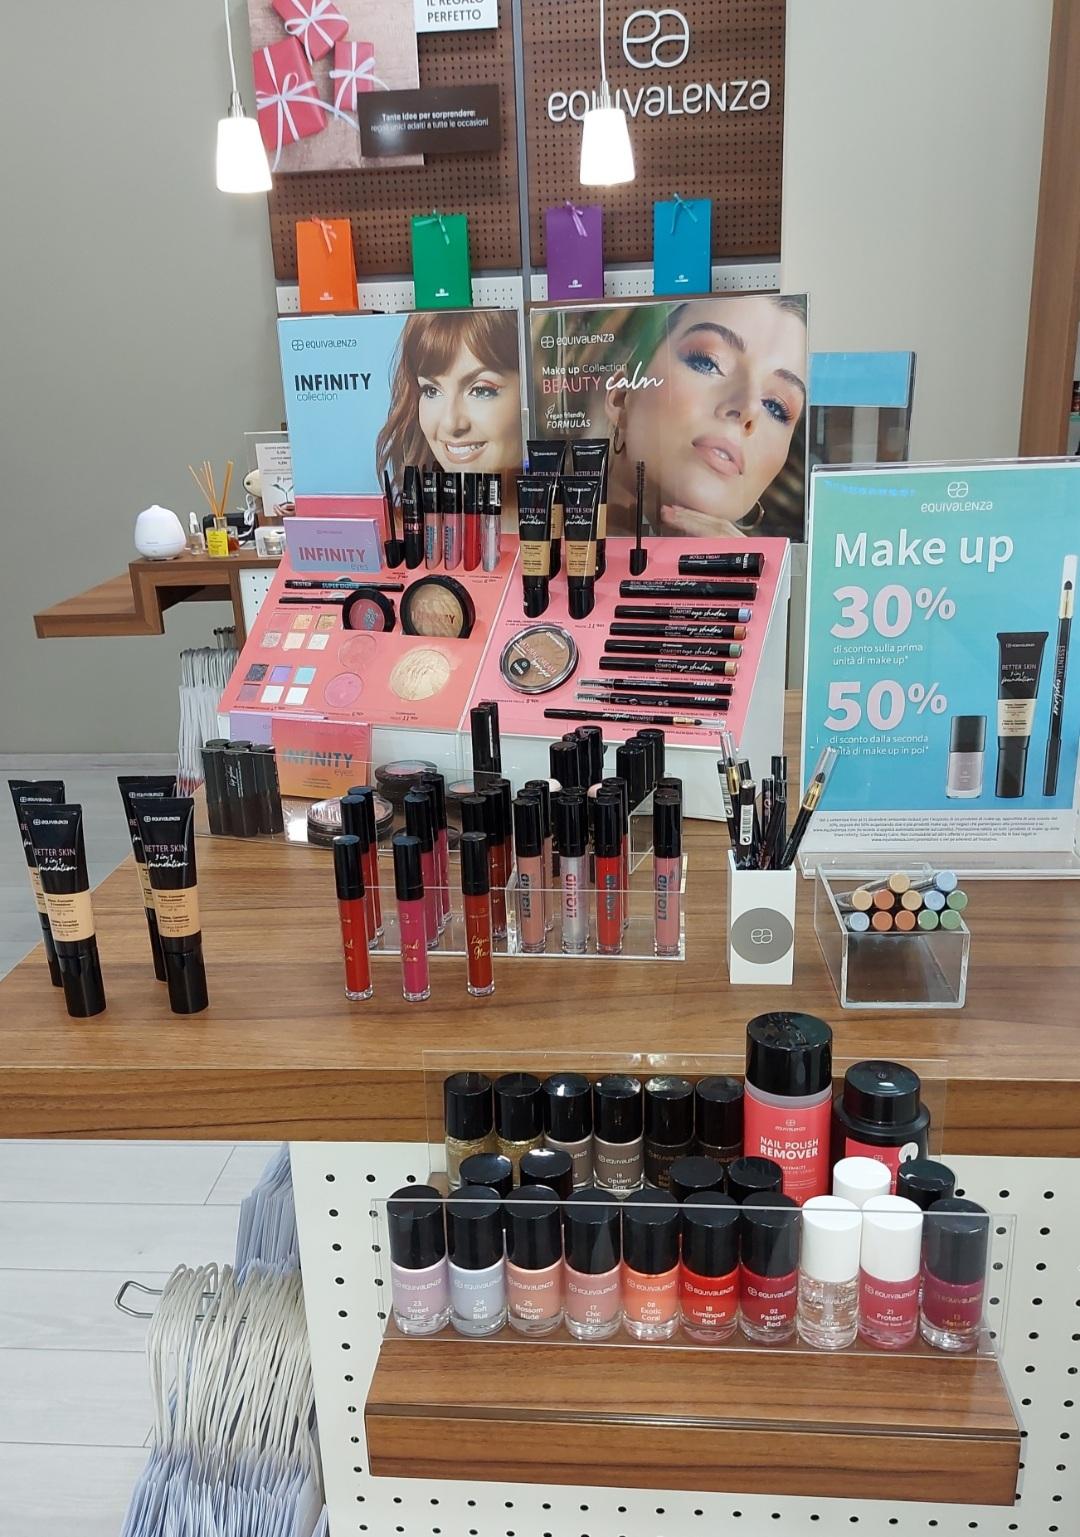 Equivalenza: Promozione Make up